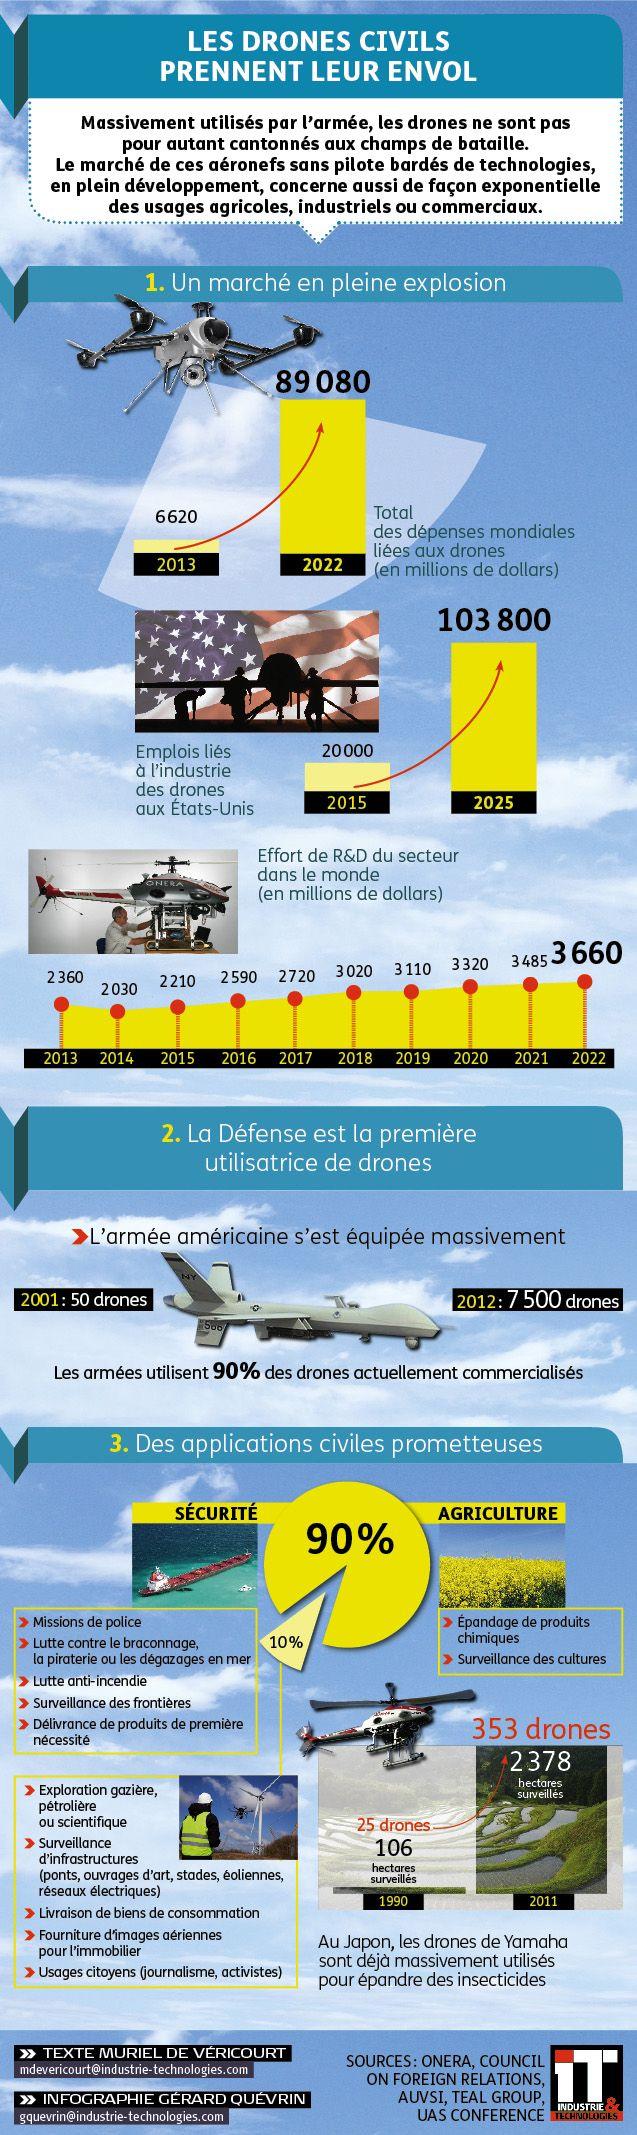 L'envol des drones civils